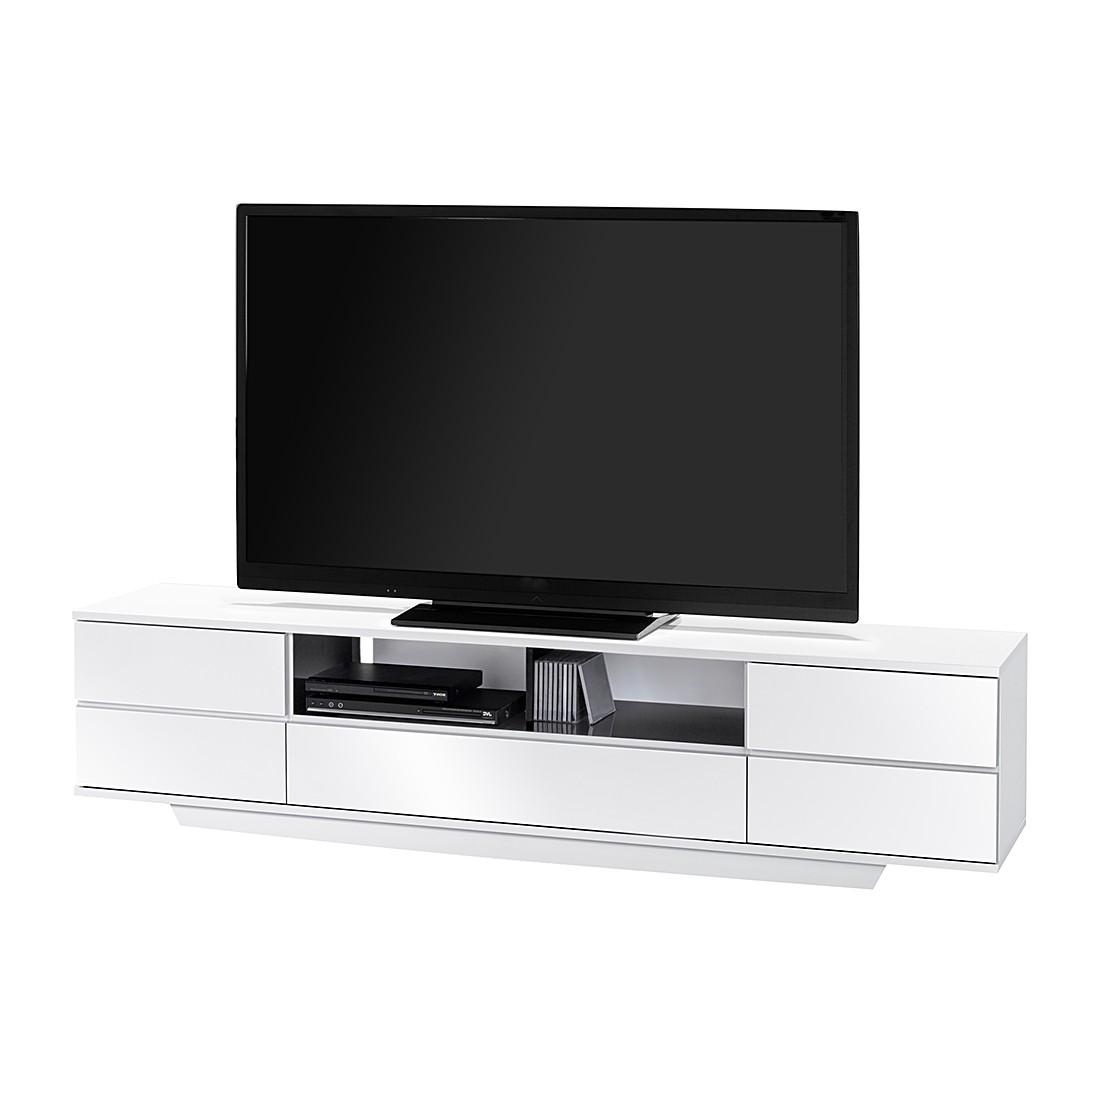 TV-Bank Amieka - Hochglanz Weiß / Schwarz - 199,5 cm, Maja Möbel